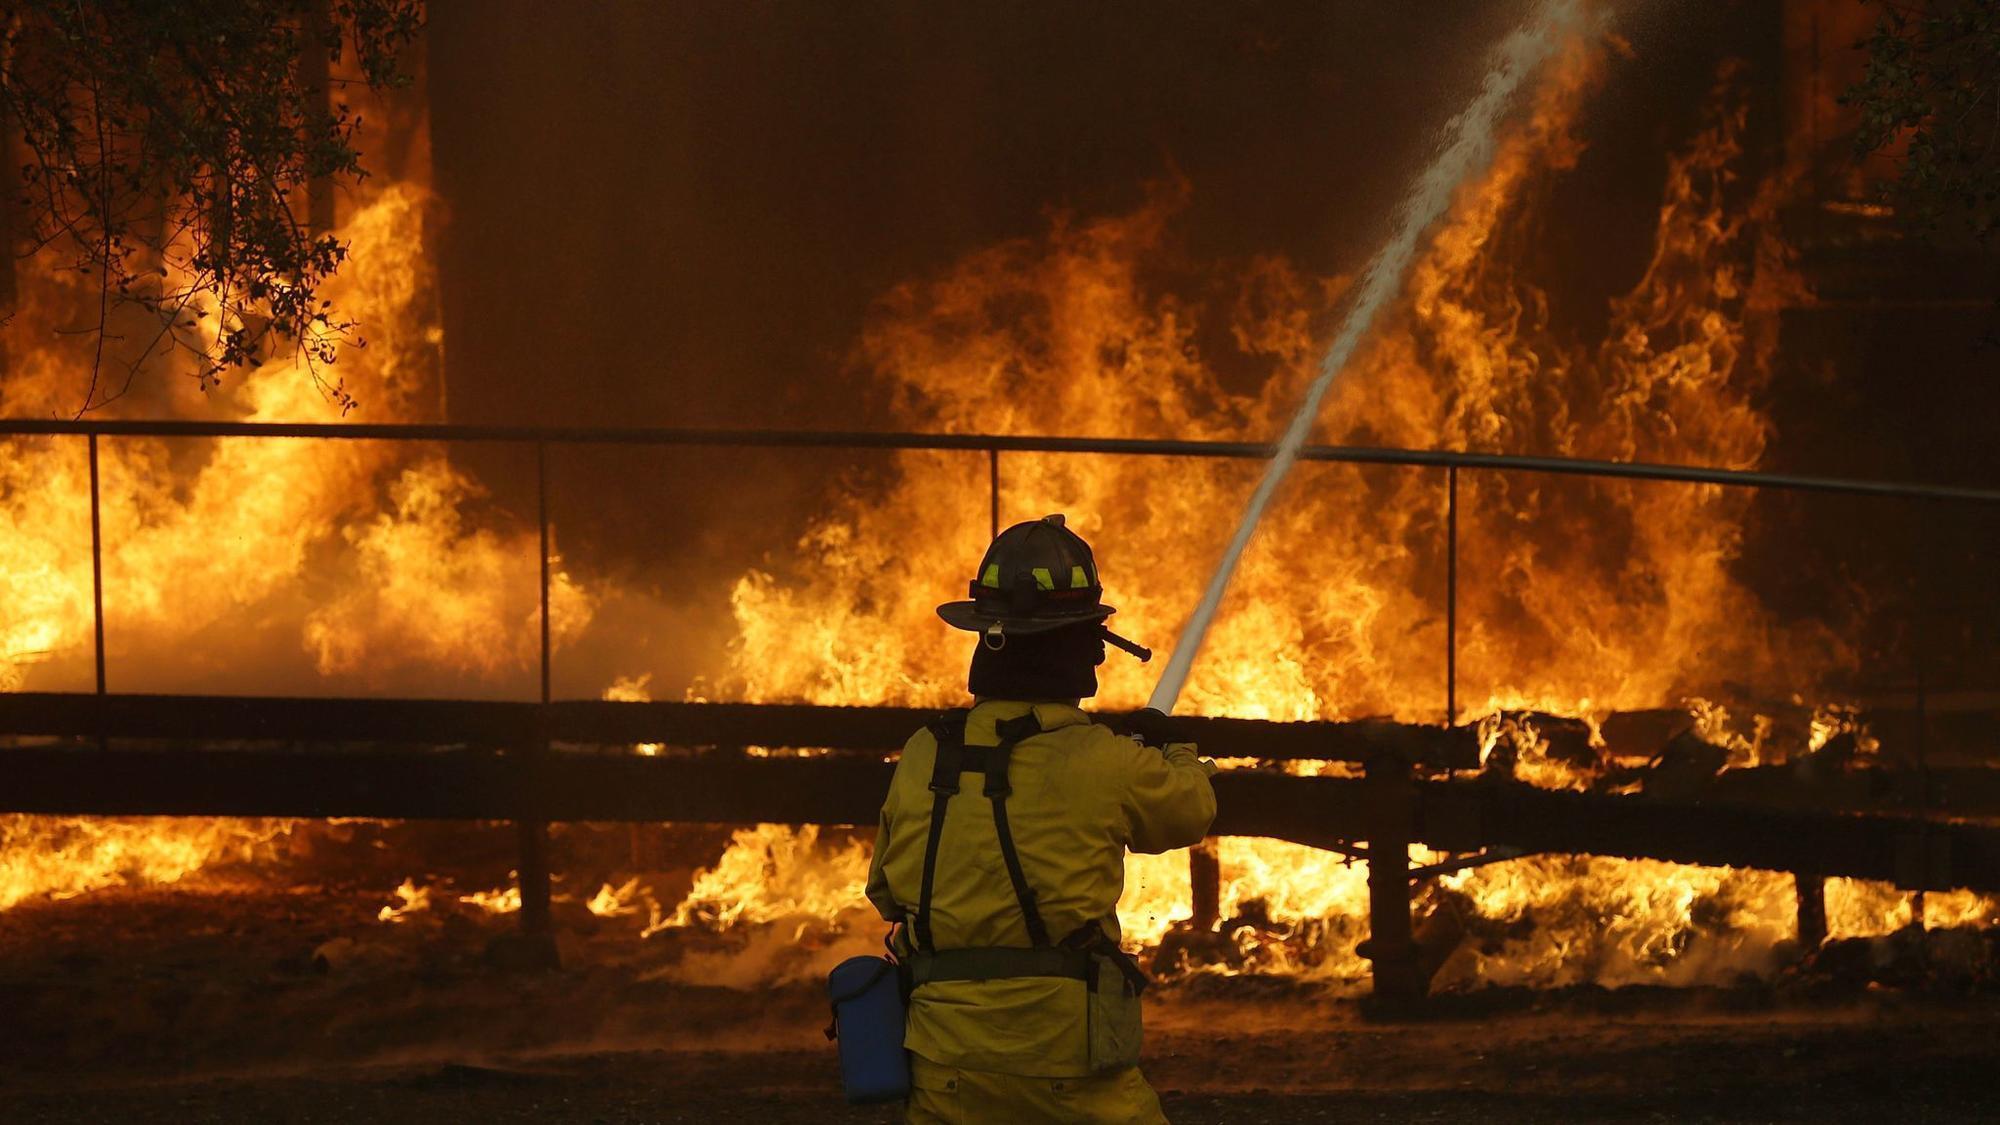 la-me-california-wildfire-insurance-claims-20171031